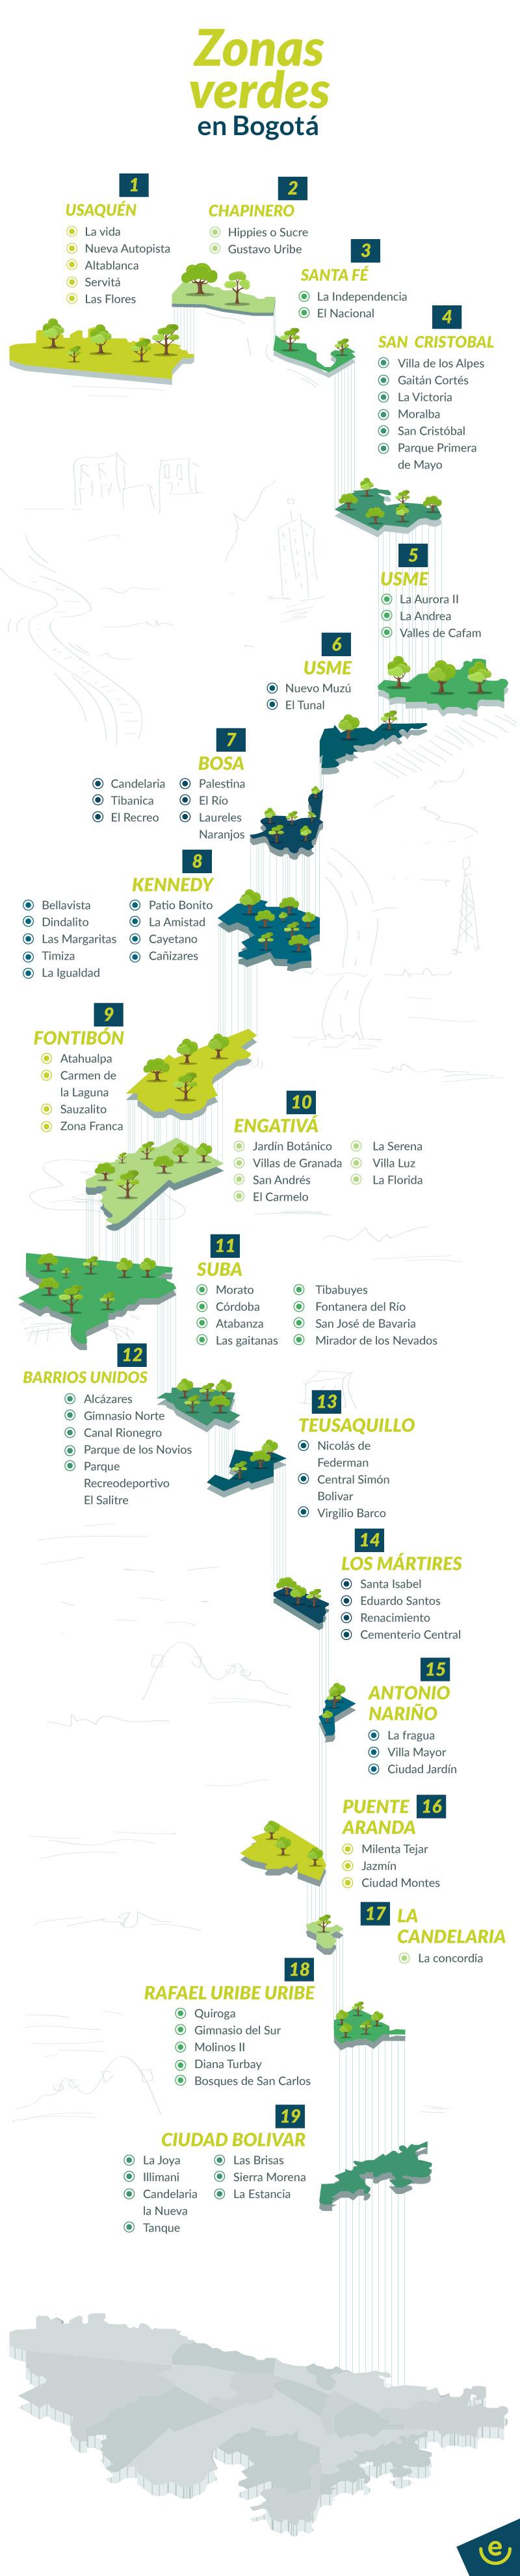 Zonas-Verdes